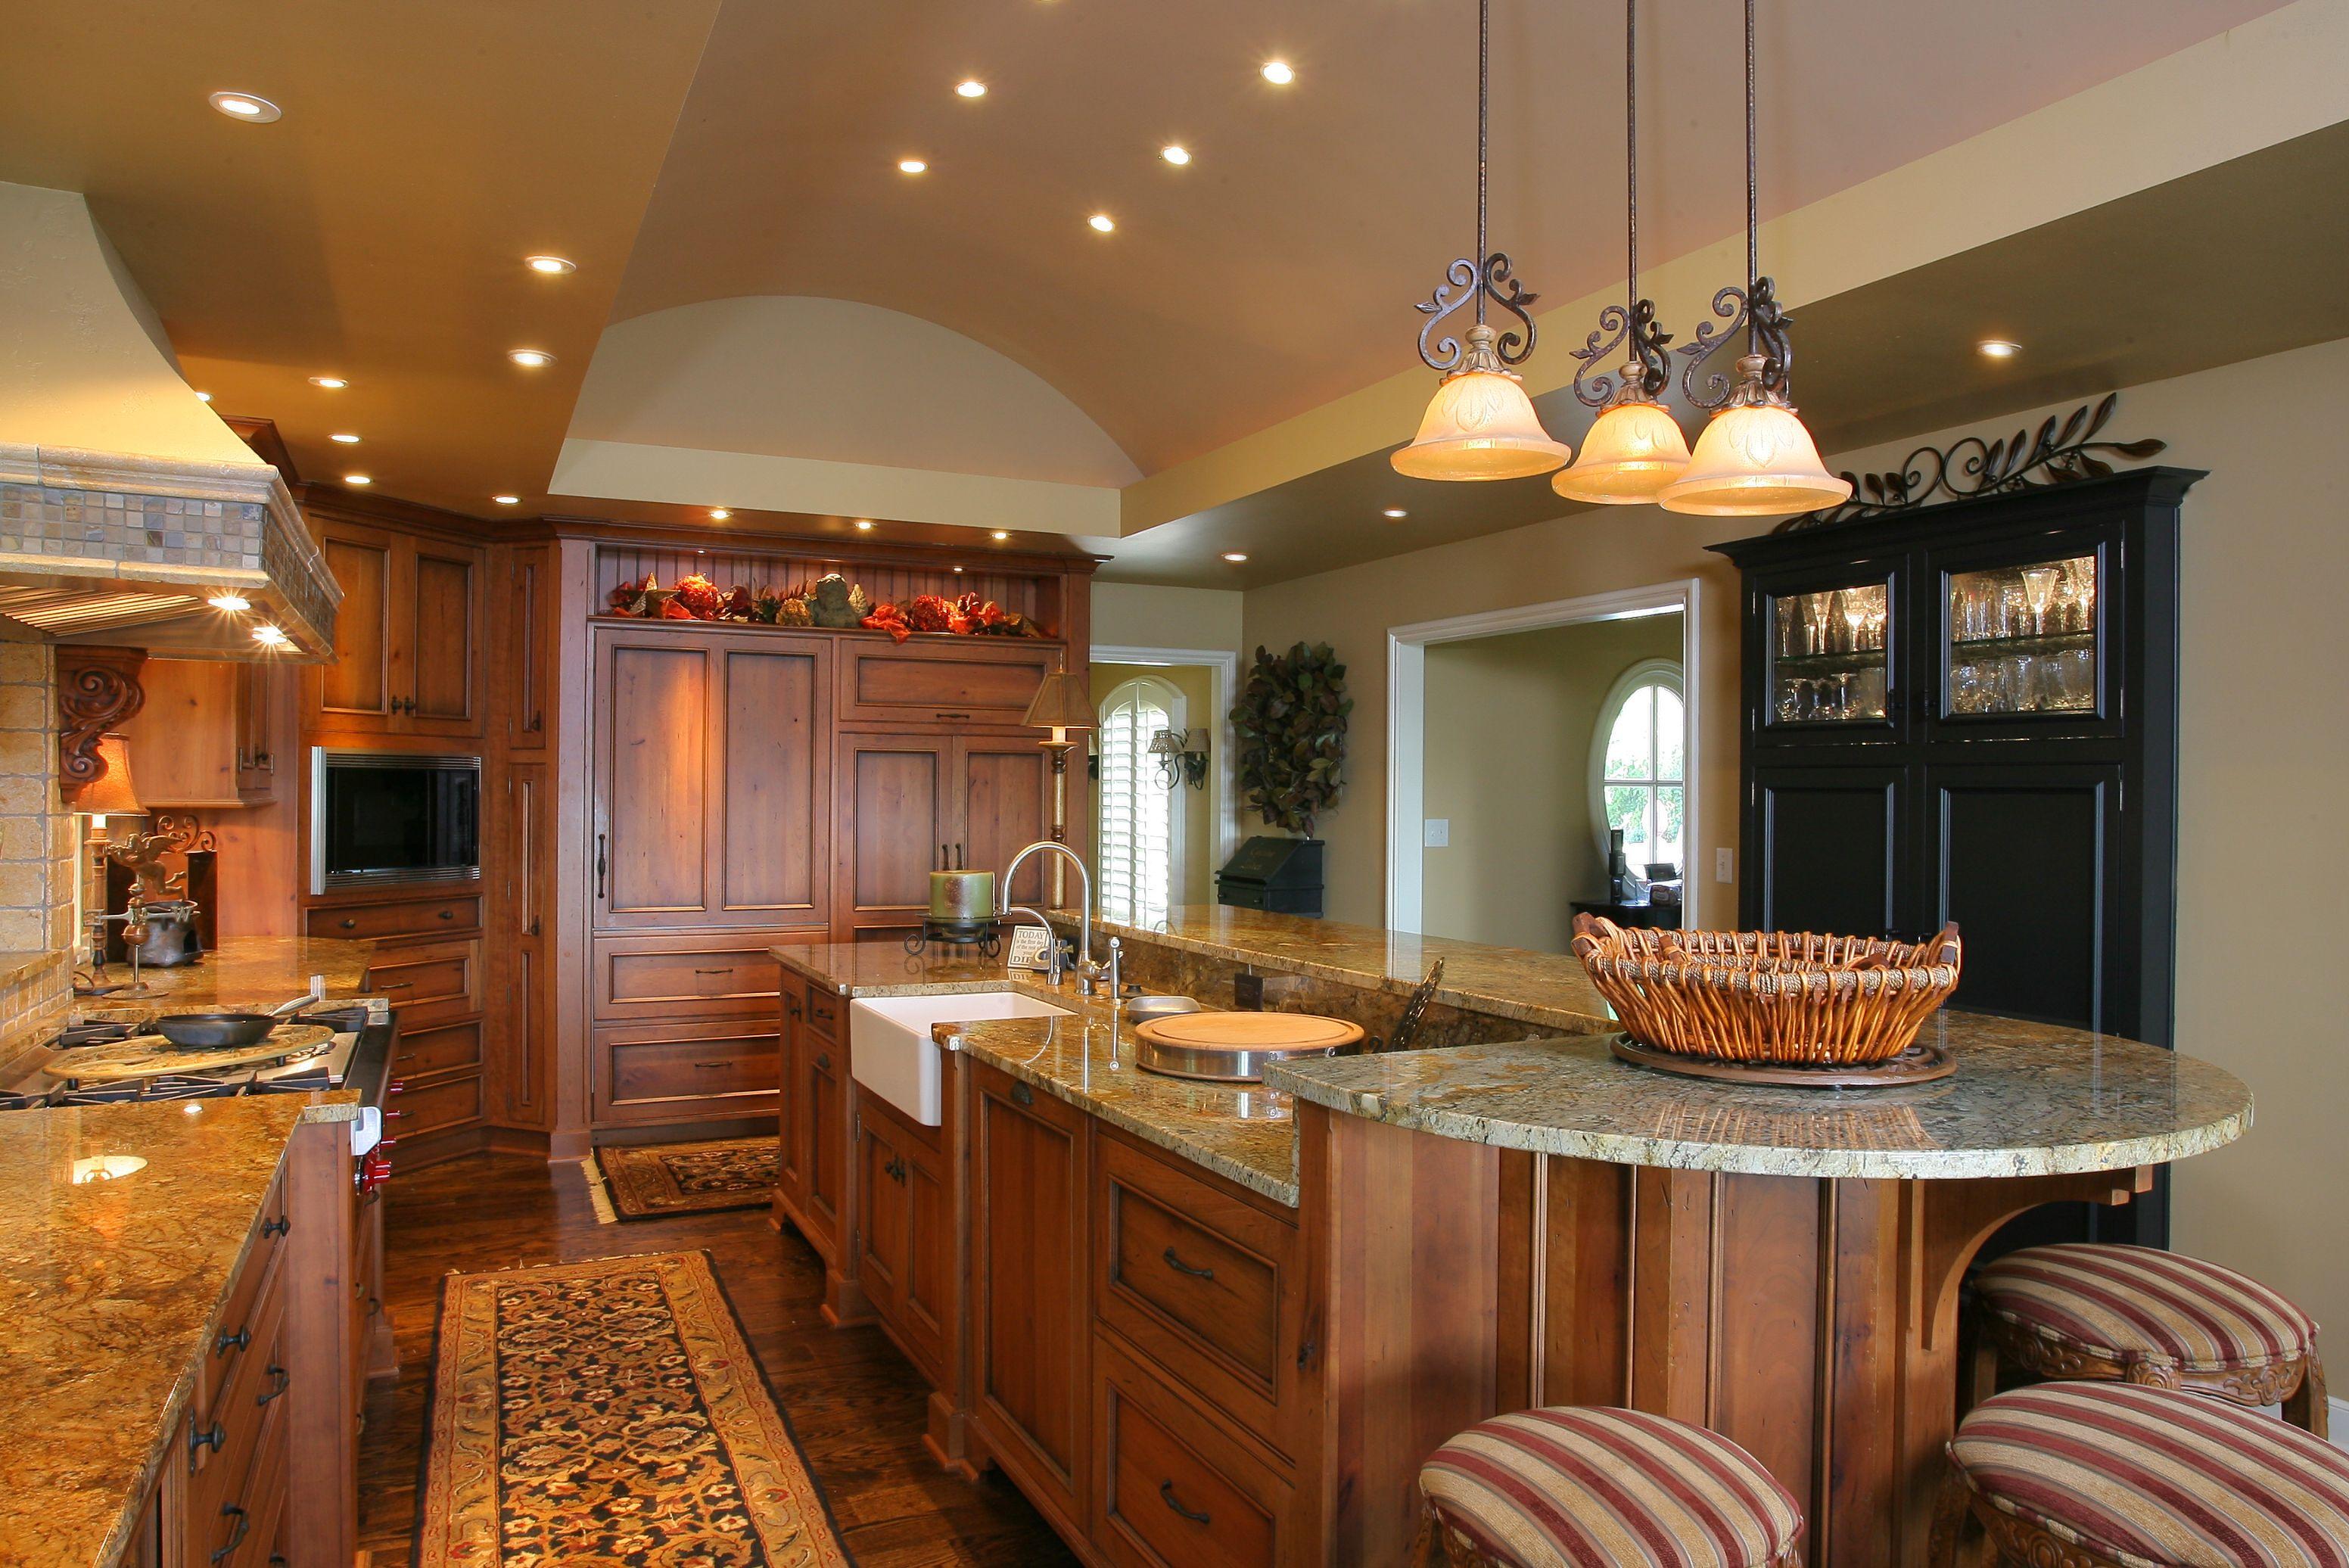 boettcher 6 jpg 3104 2072 kitchen island designs with seating kitchen island light height on kitchen island ideas organization id=81514